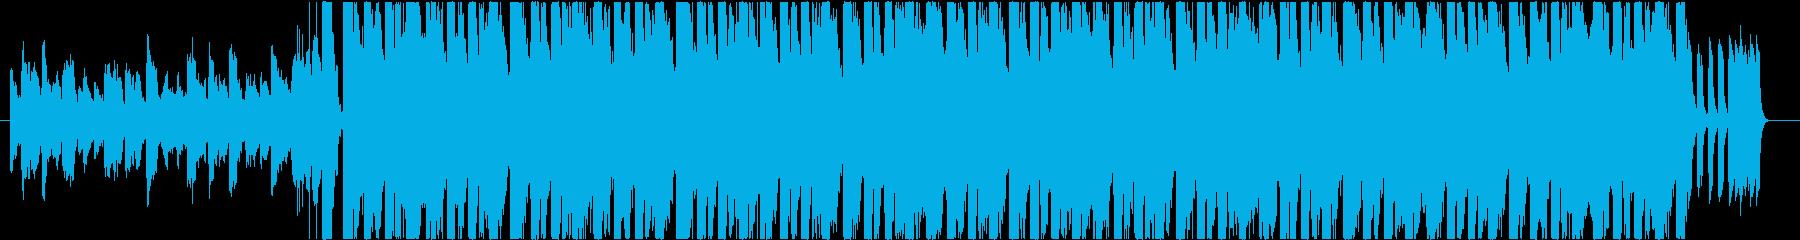 ジャジーで華やかなエレクトロスウィングの再生済みの波形